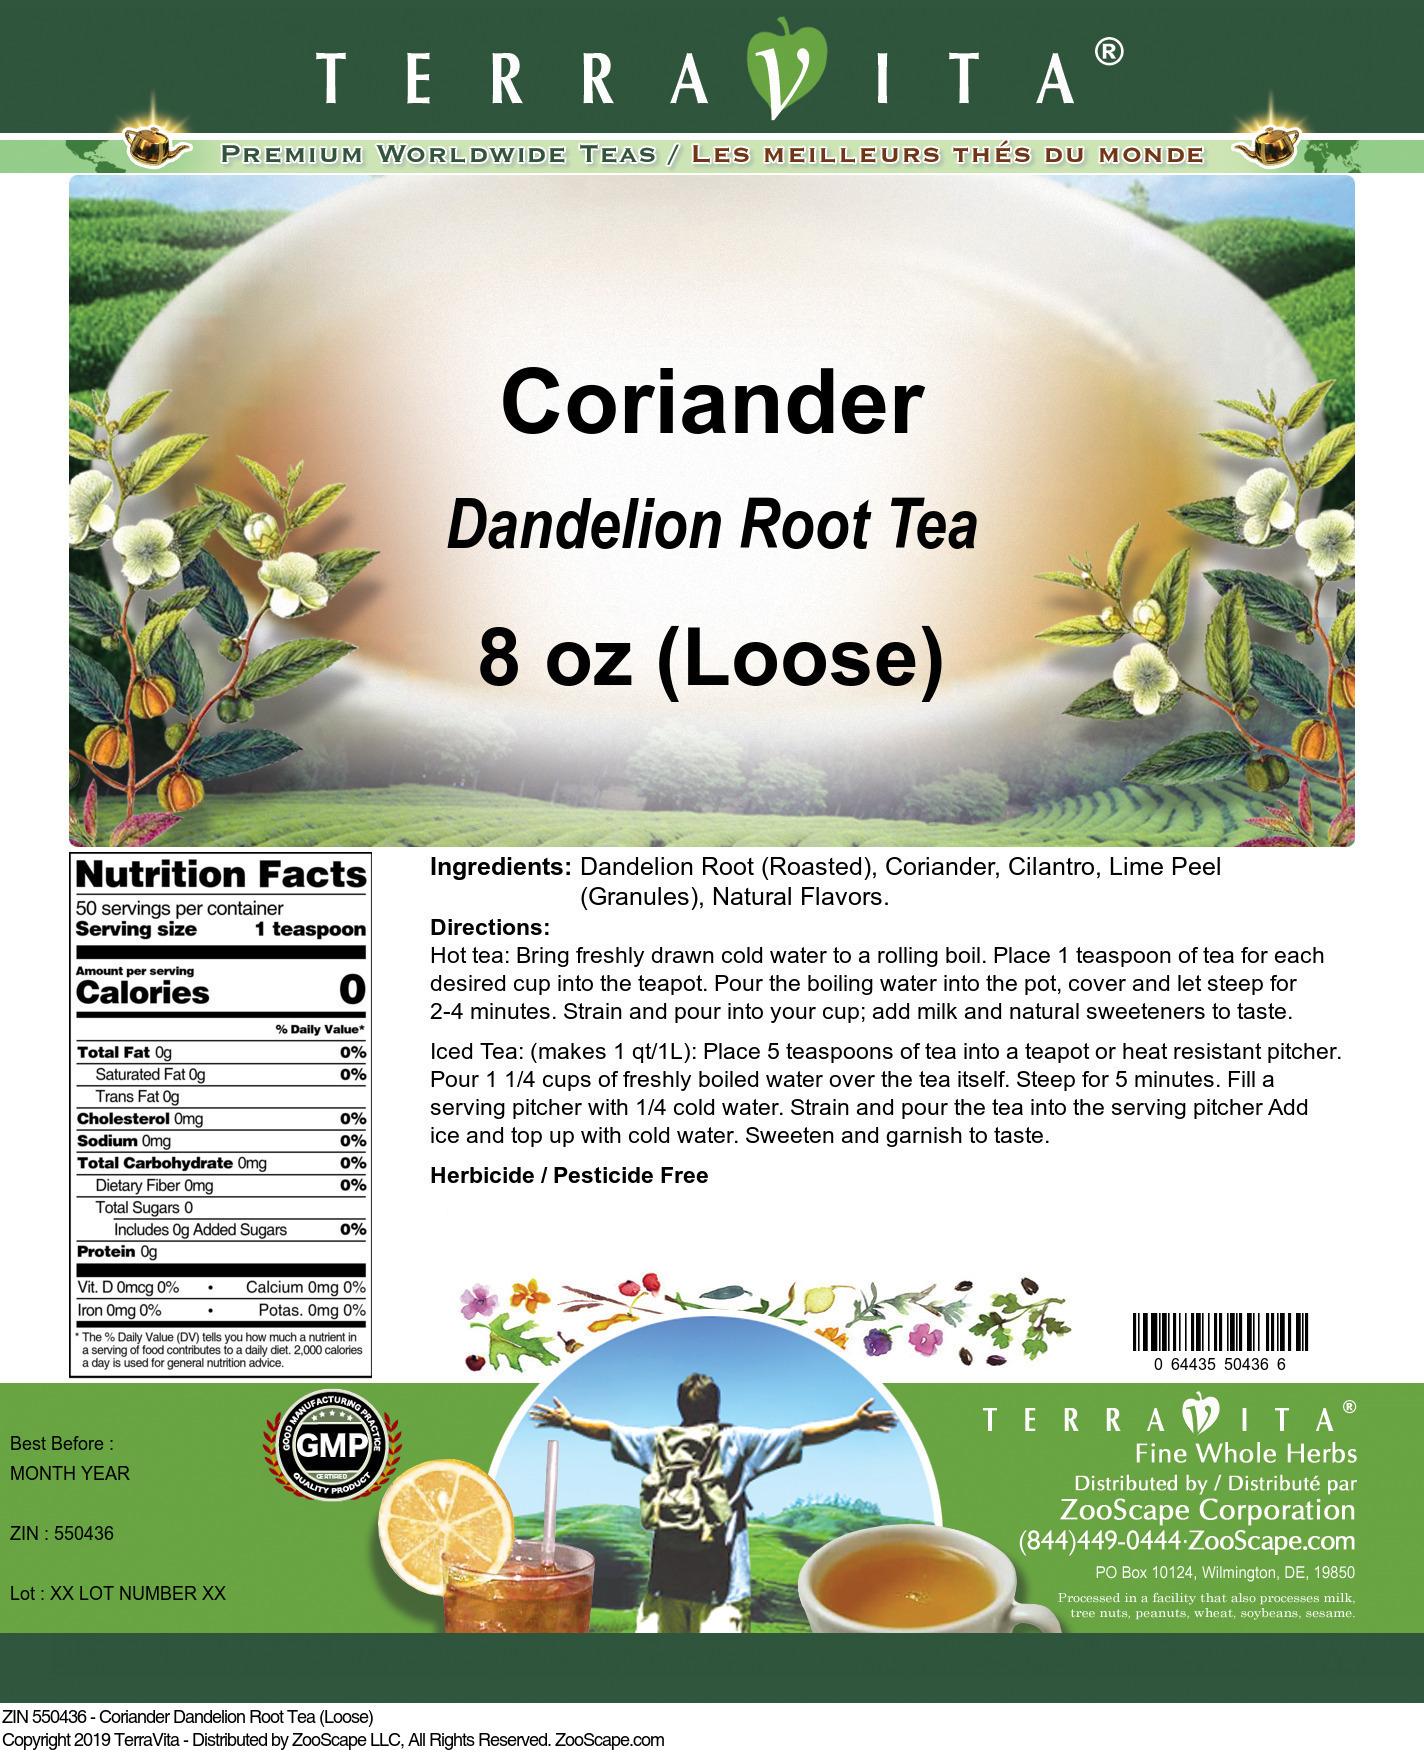 Coriander Dandelion Root Tea (Loose)